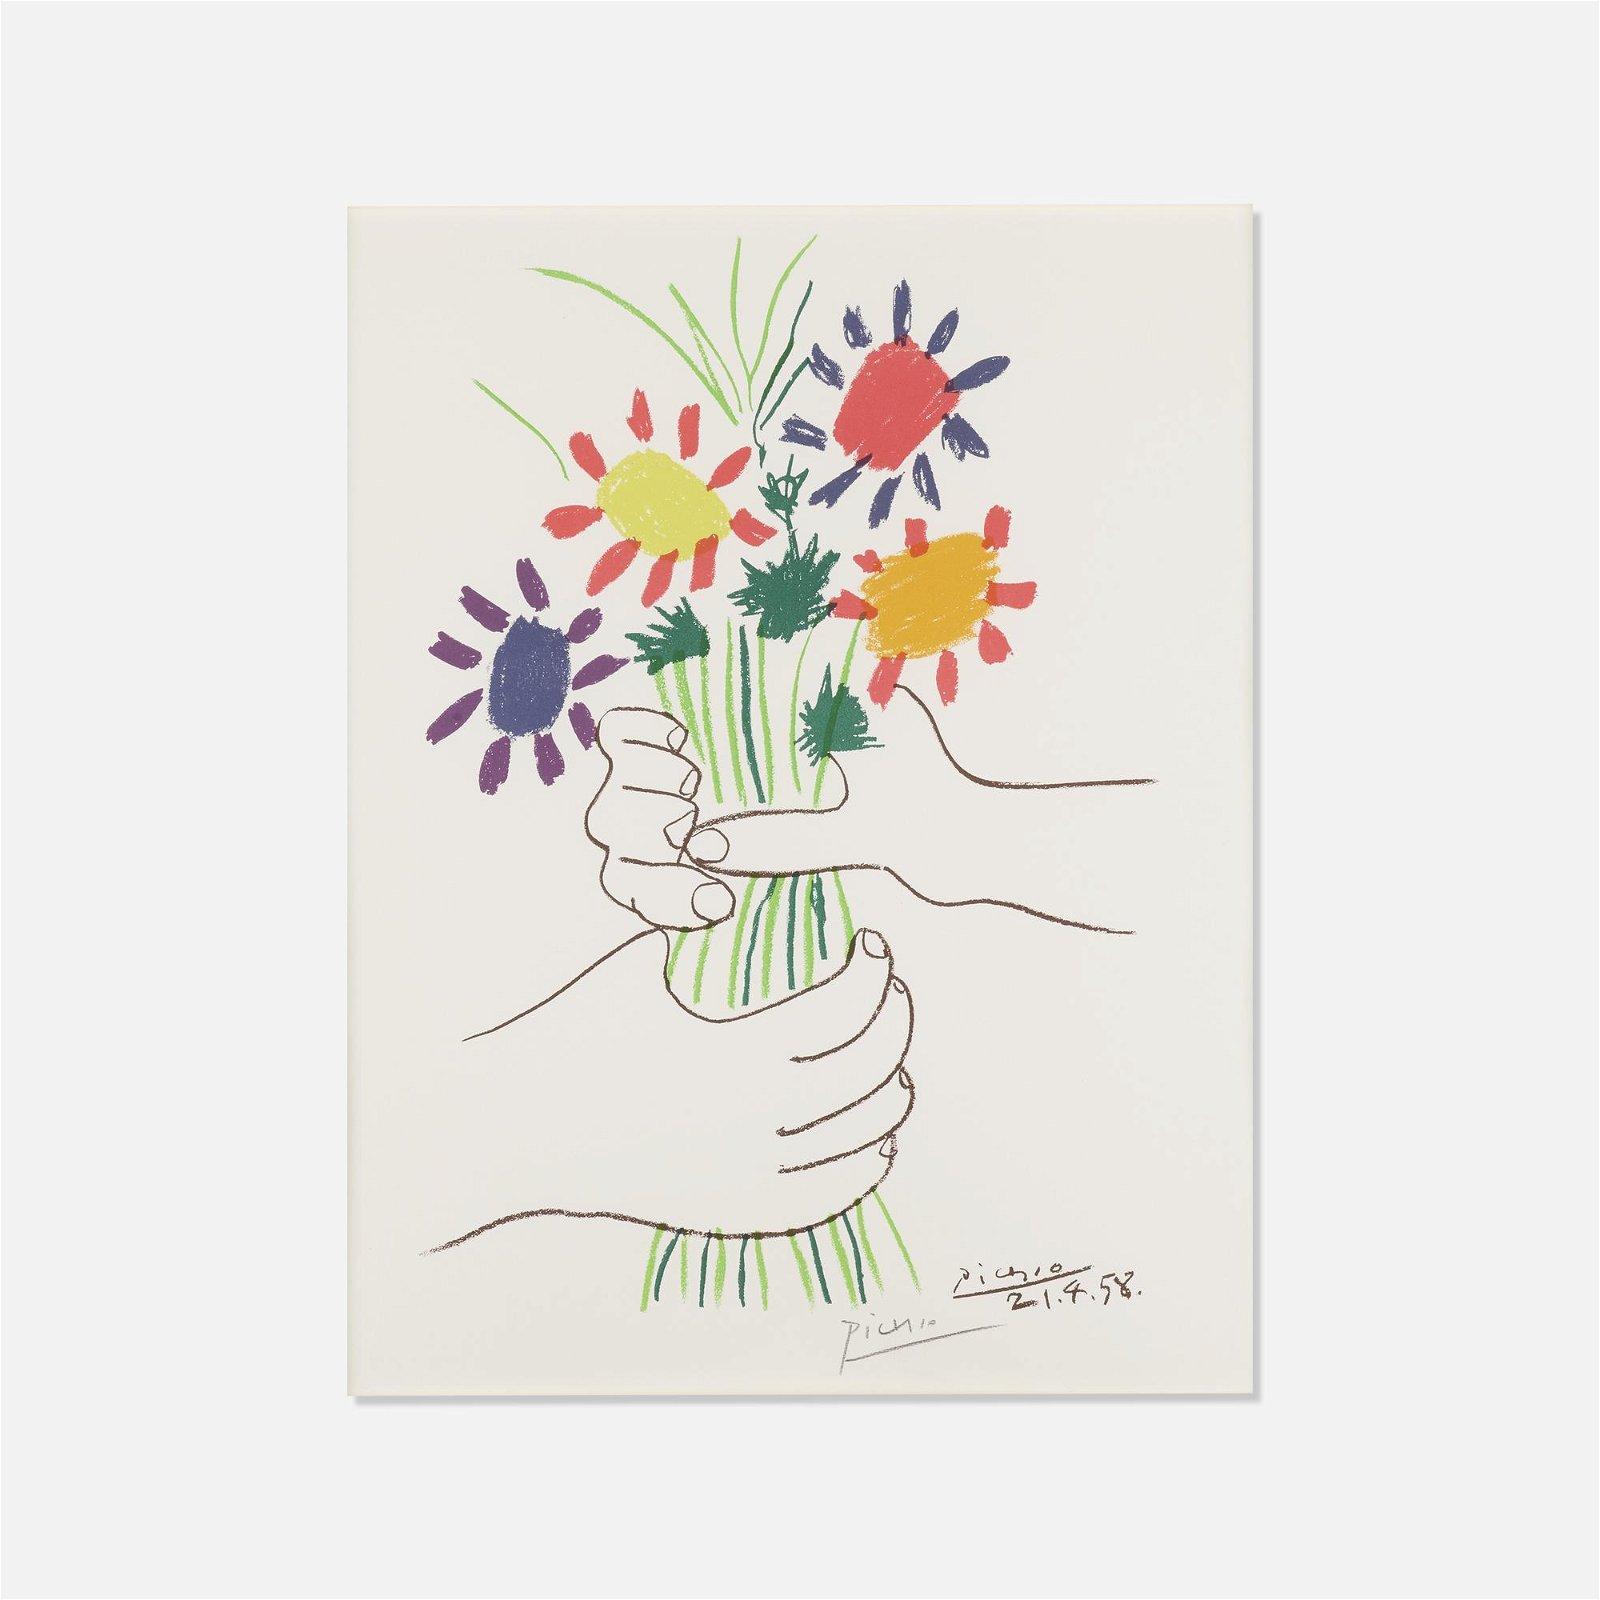 After Pablo Picasso, Bouquet de Fleurs